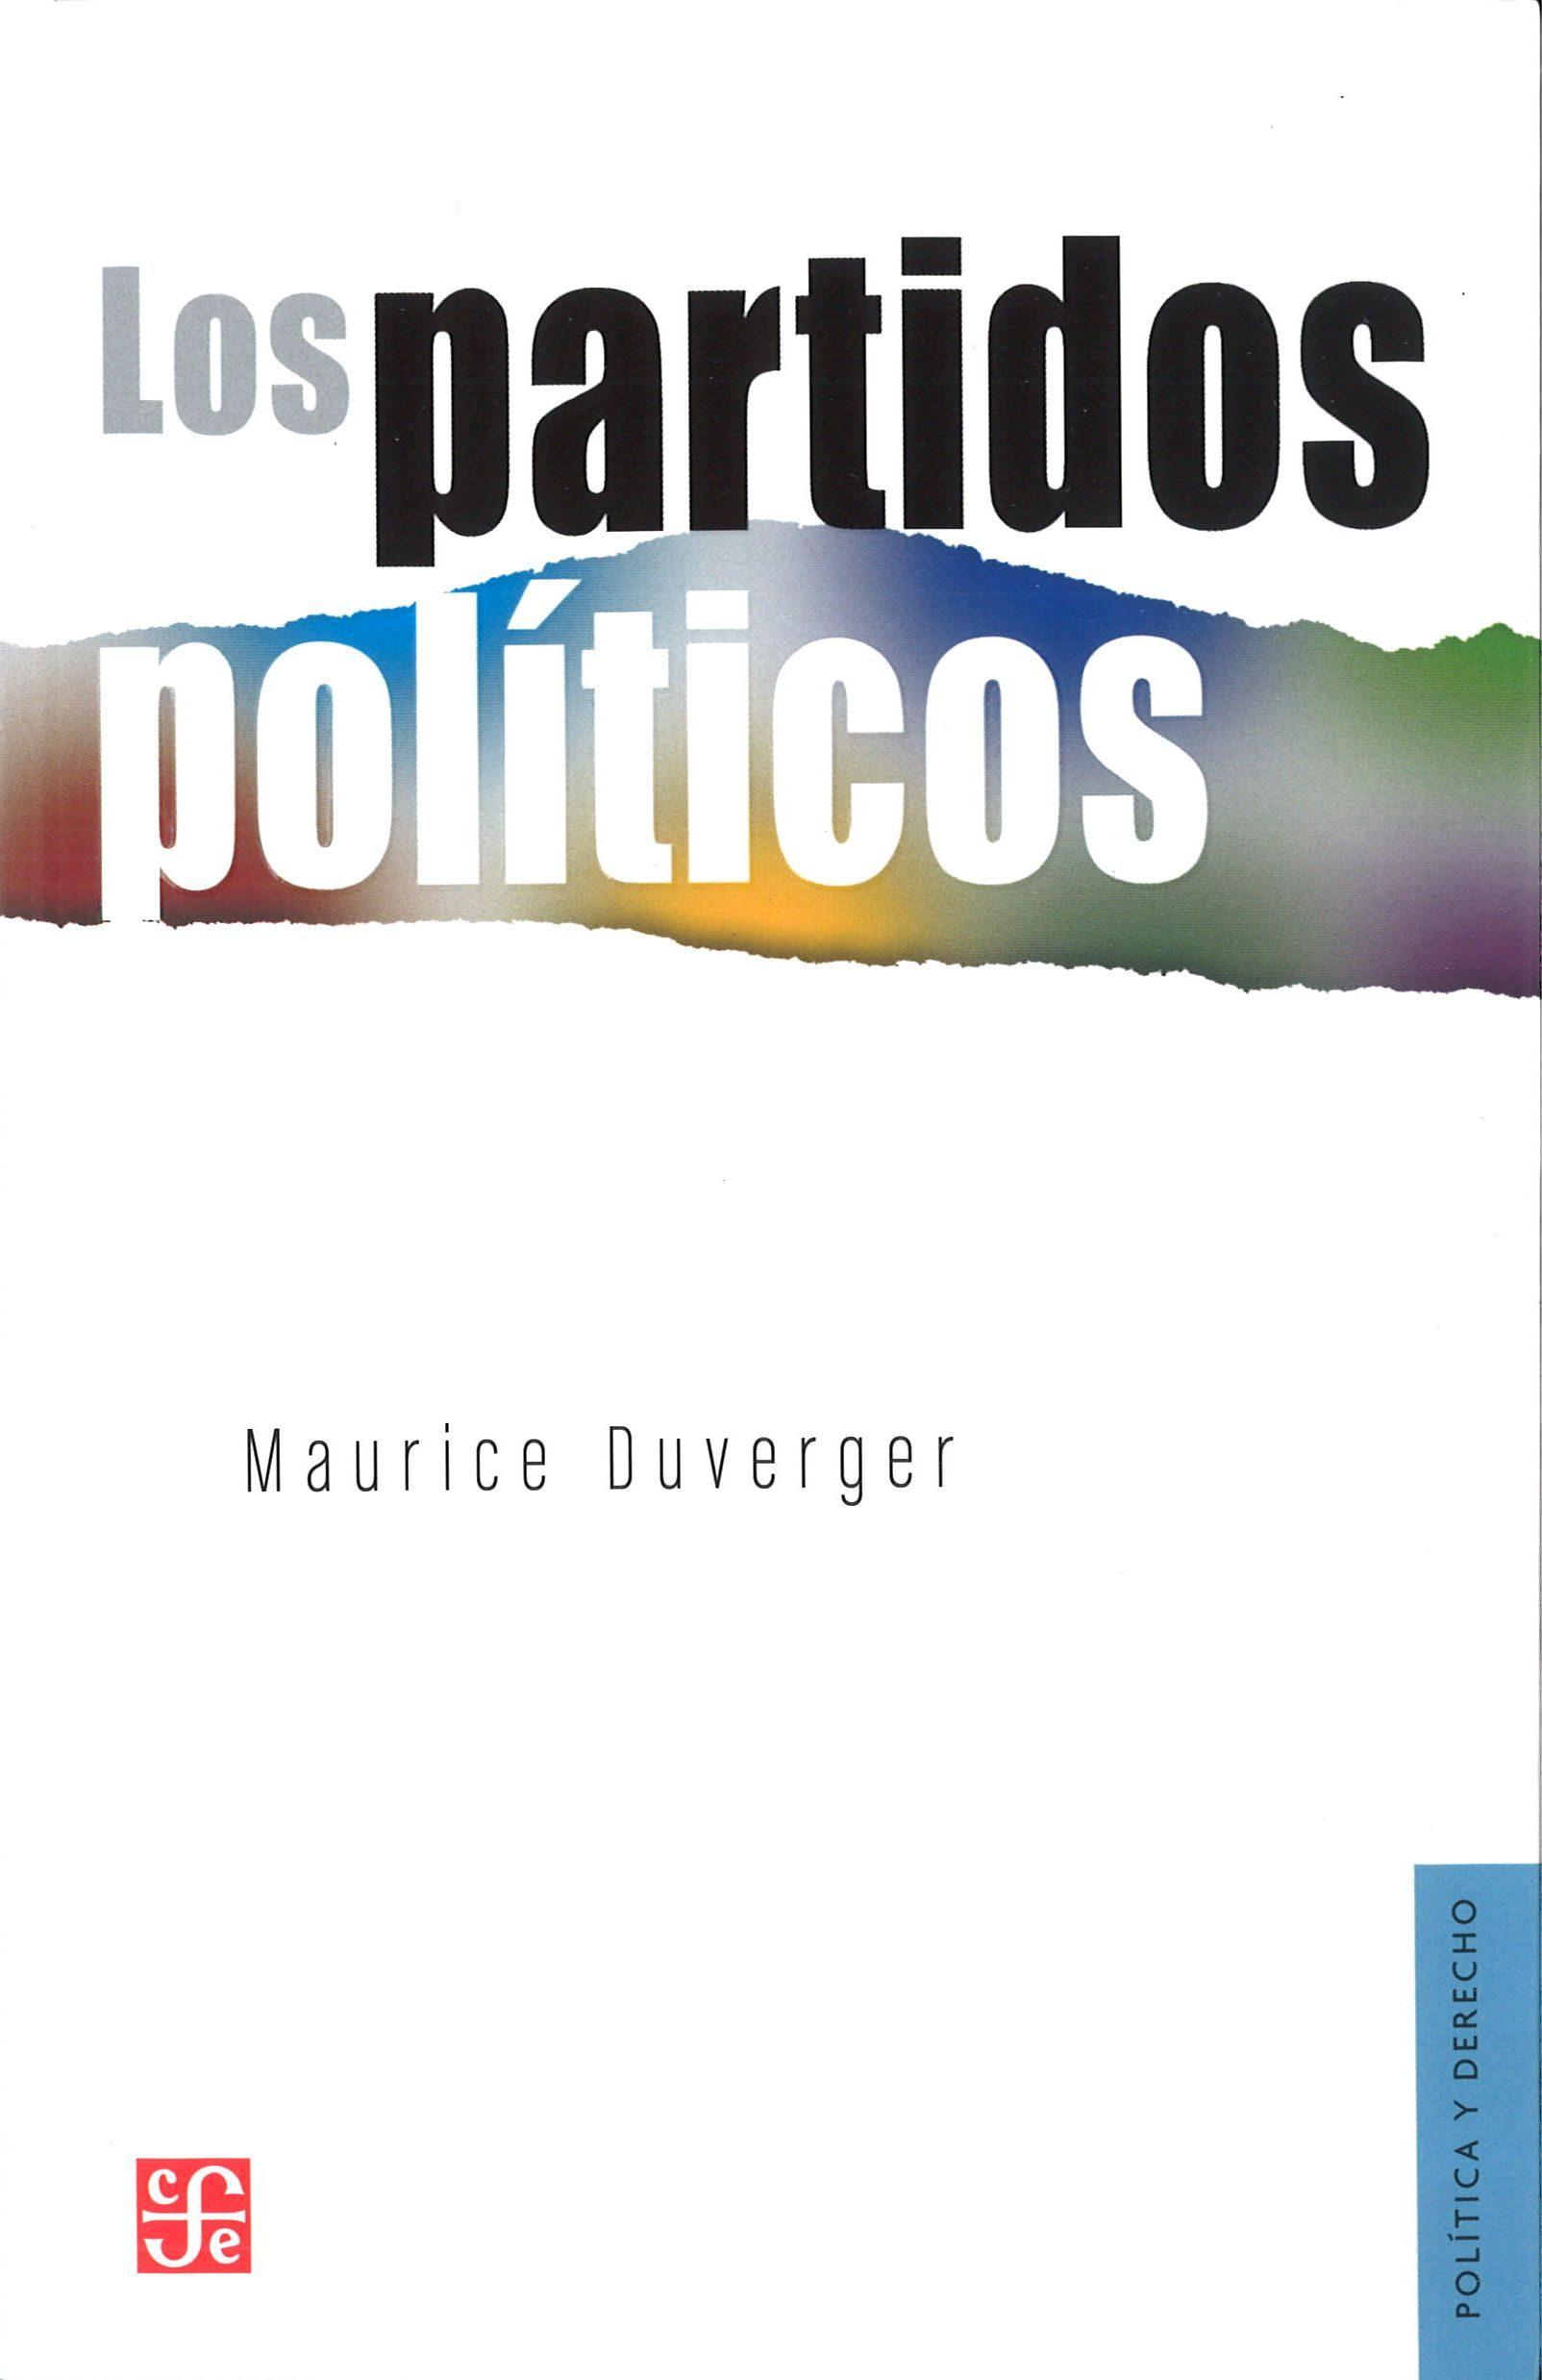 Los Partidos Politicos - Duverger Maurice